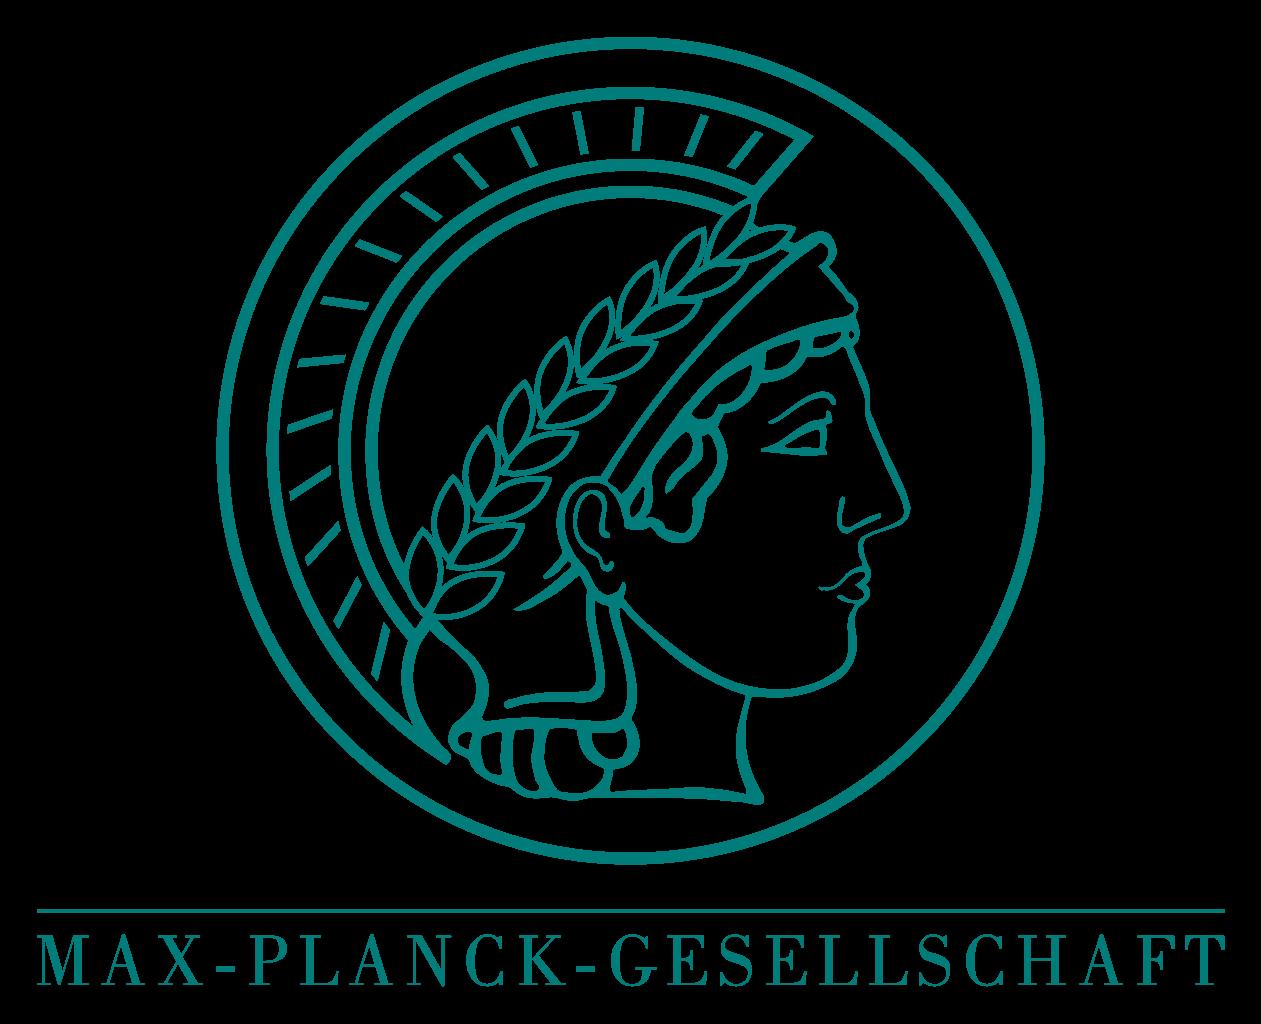 Logo de la Sociedad Max Planck